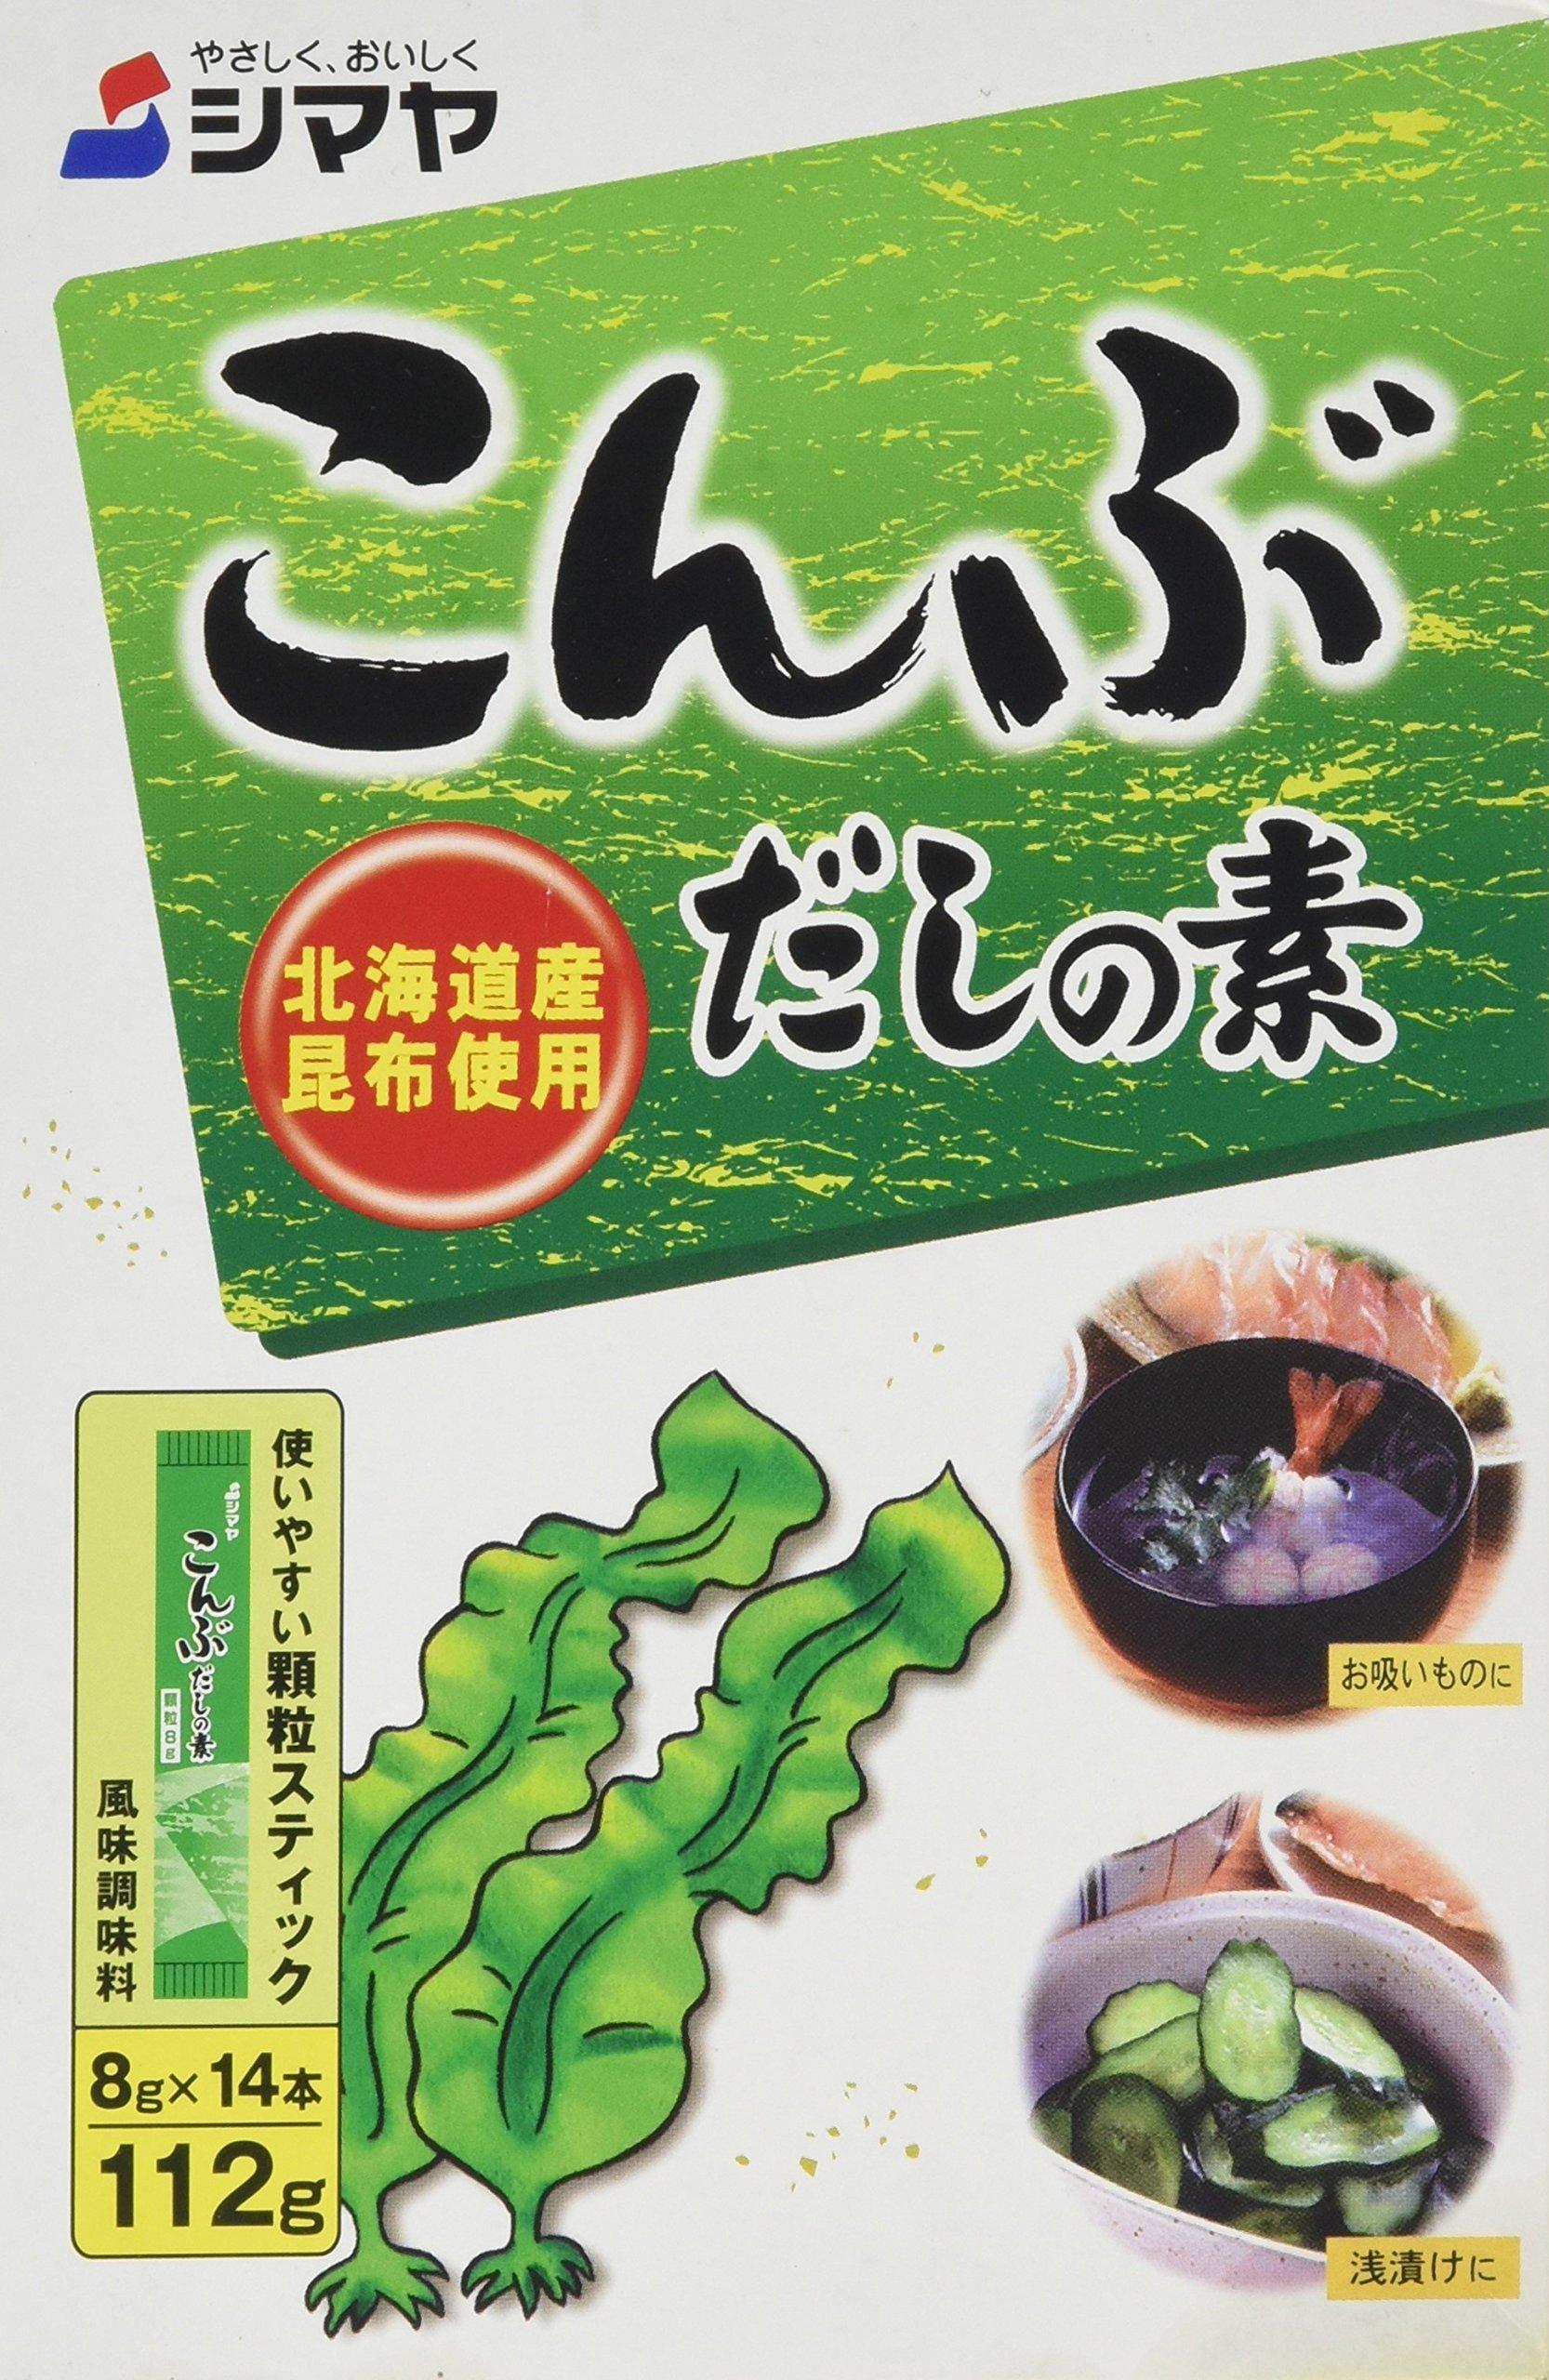 Shimaya Konbu Dashino-Moto Stock Powder, 8g x14 sachet